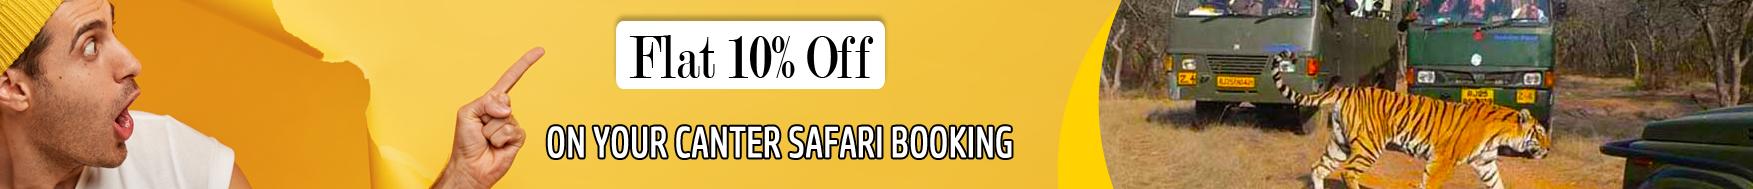 Corbett Canter Safari Booking - Book Dhikala canter safari at cheapest price